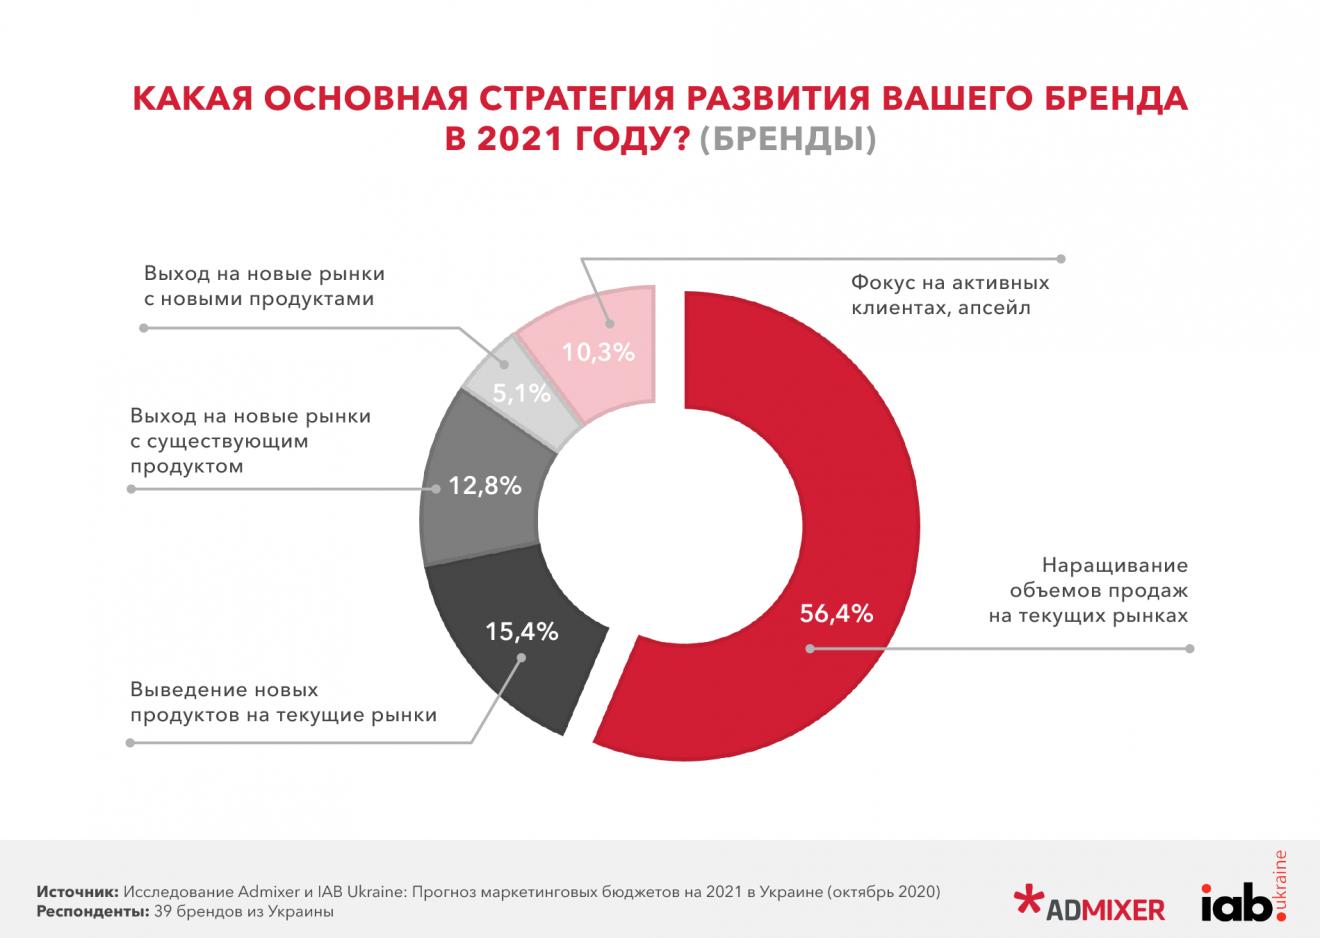 3-1320x938 Прогноз маркетингових бюджетів в Україні на 2021 рік. Дослідження Admixer і IAB Ukraine